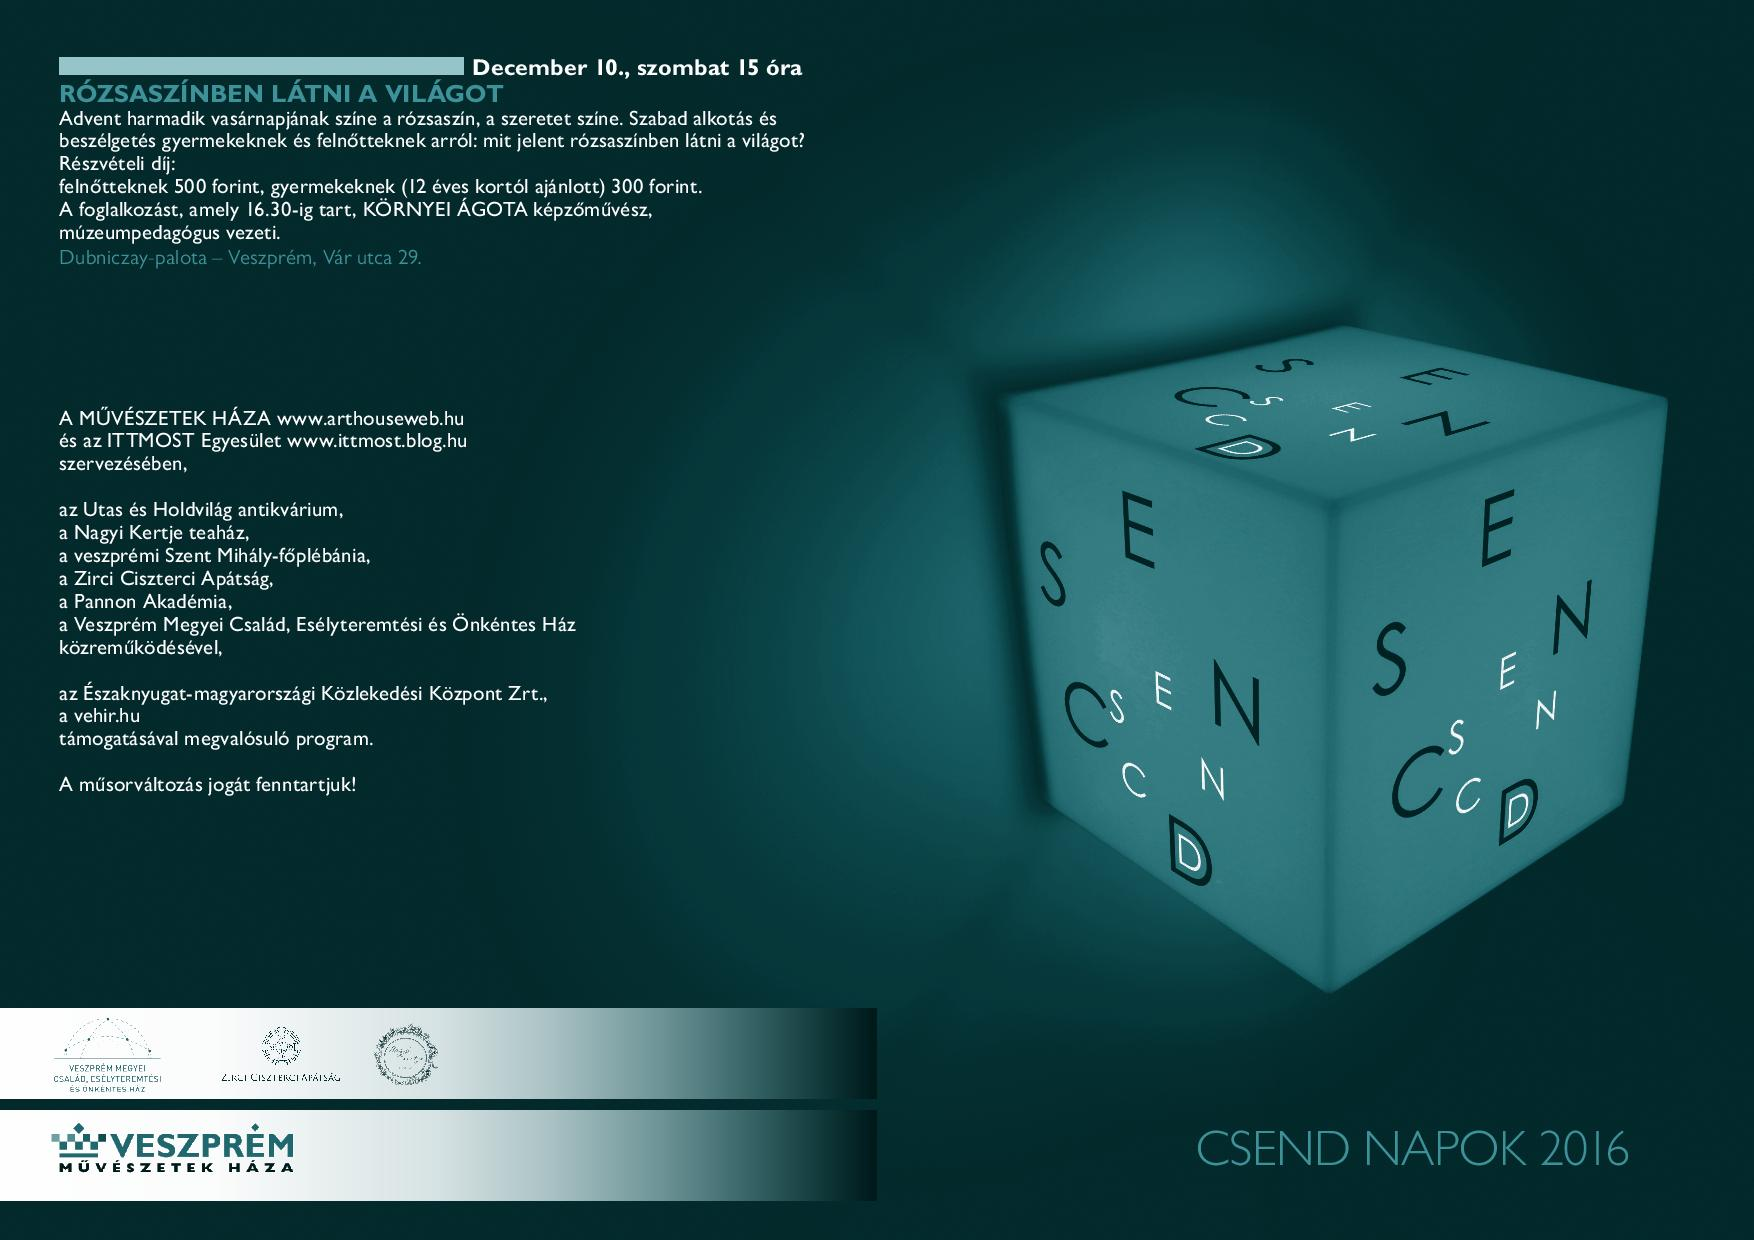 csendnapok2016web-page-002.jpg